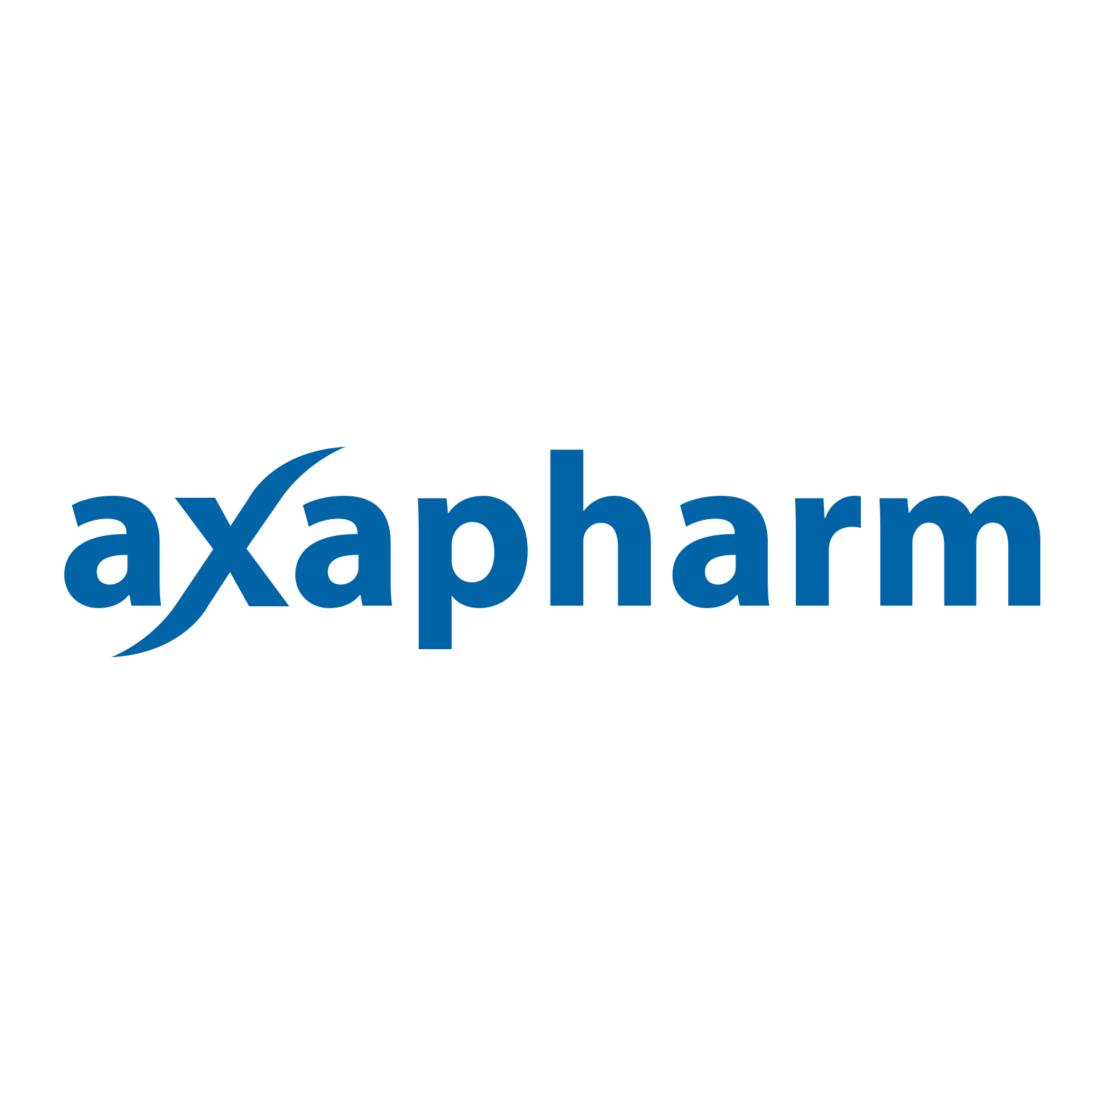 axapharm